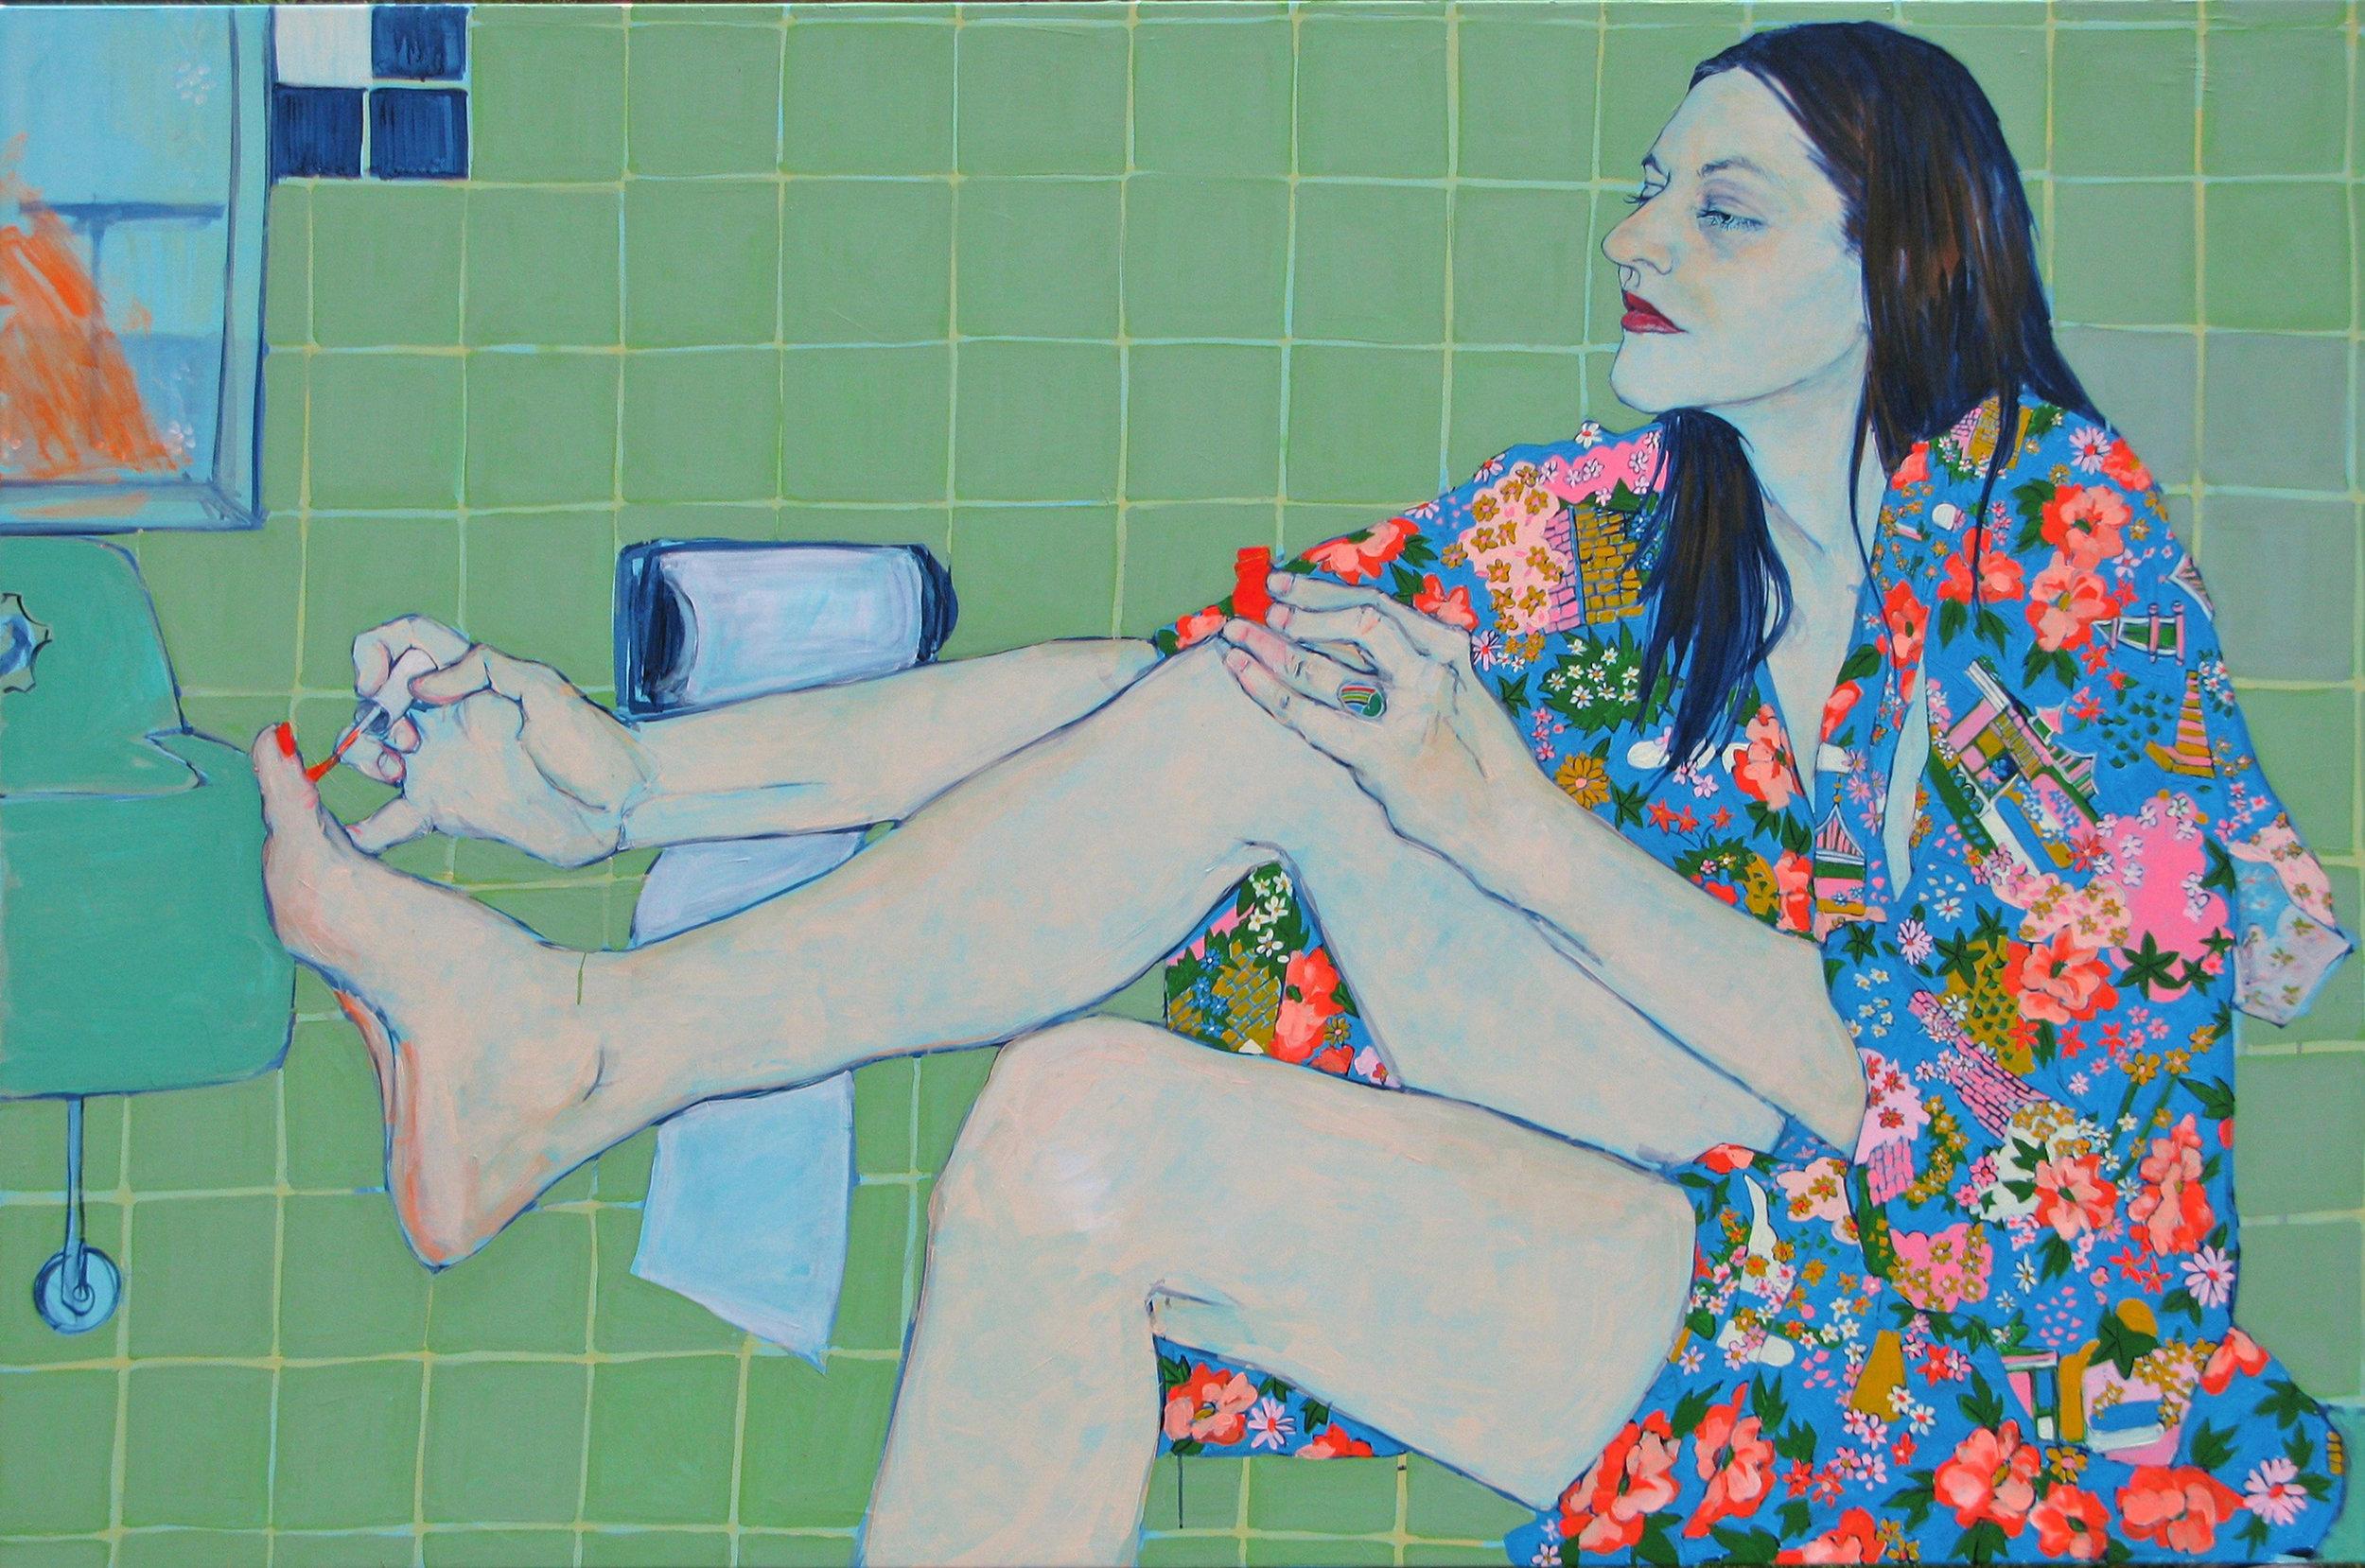 Sara VanDerBeek in Her Bath Closet